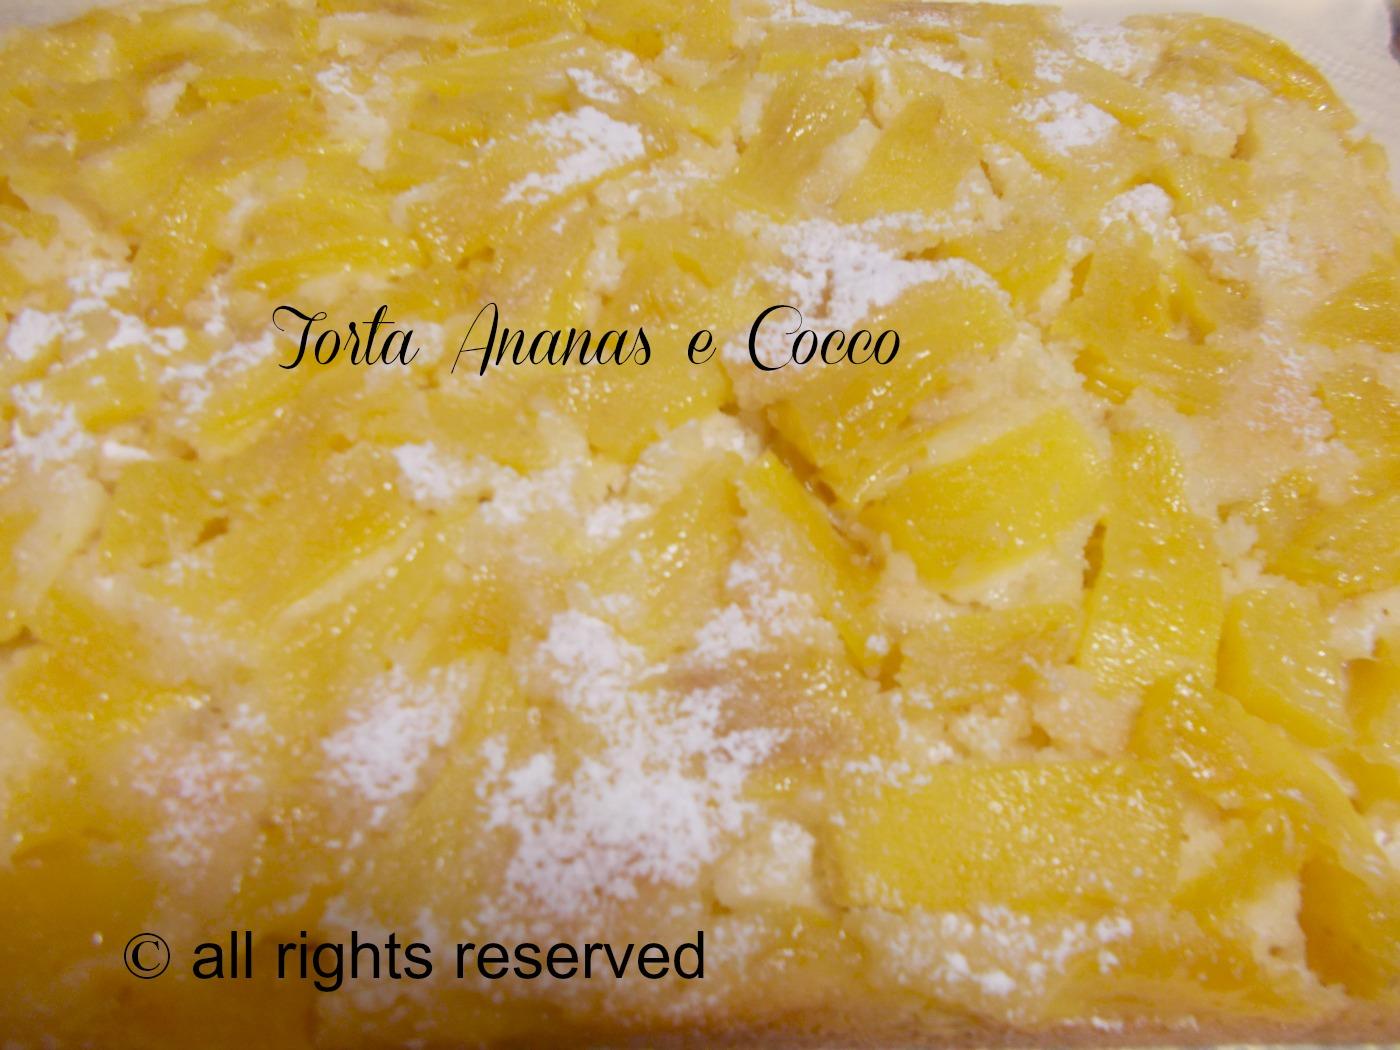 la Torta ananas e cocco